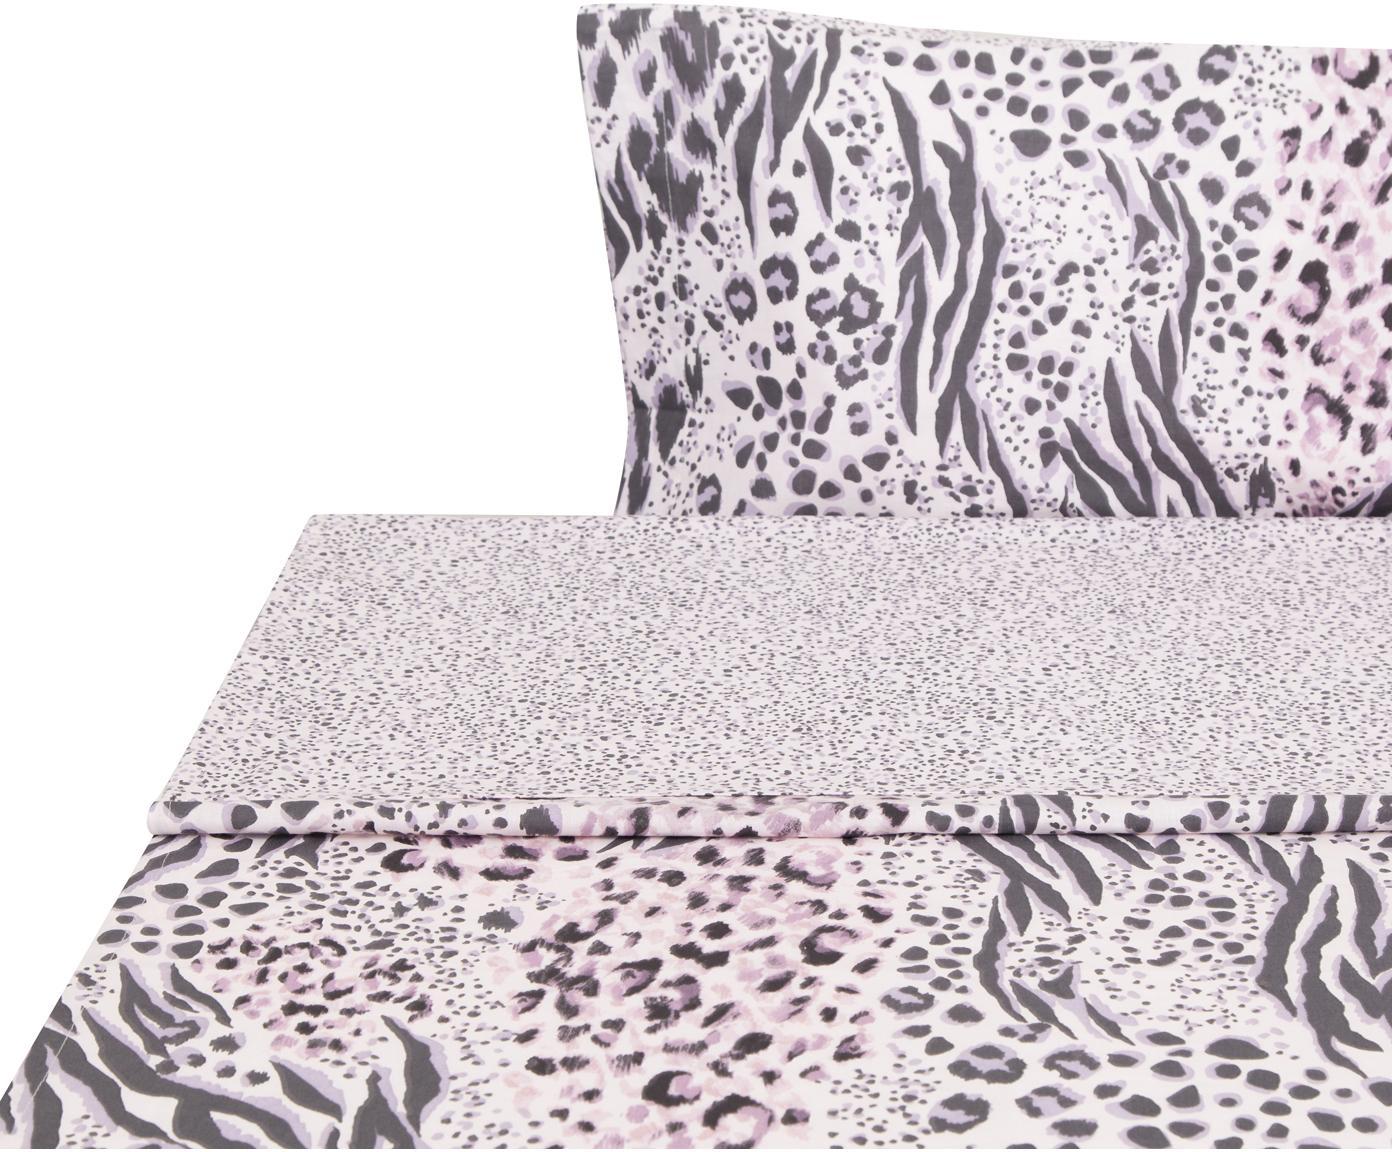 Sábana encimera Savannah, Algodón, Tonos rosas, negro, Cama 90 cm (240 x 270 cm)